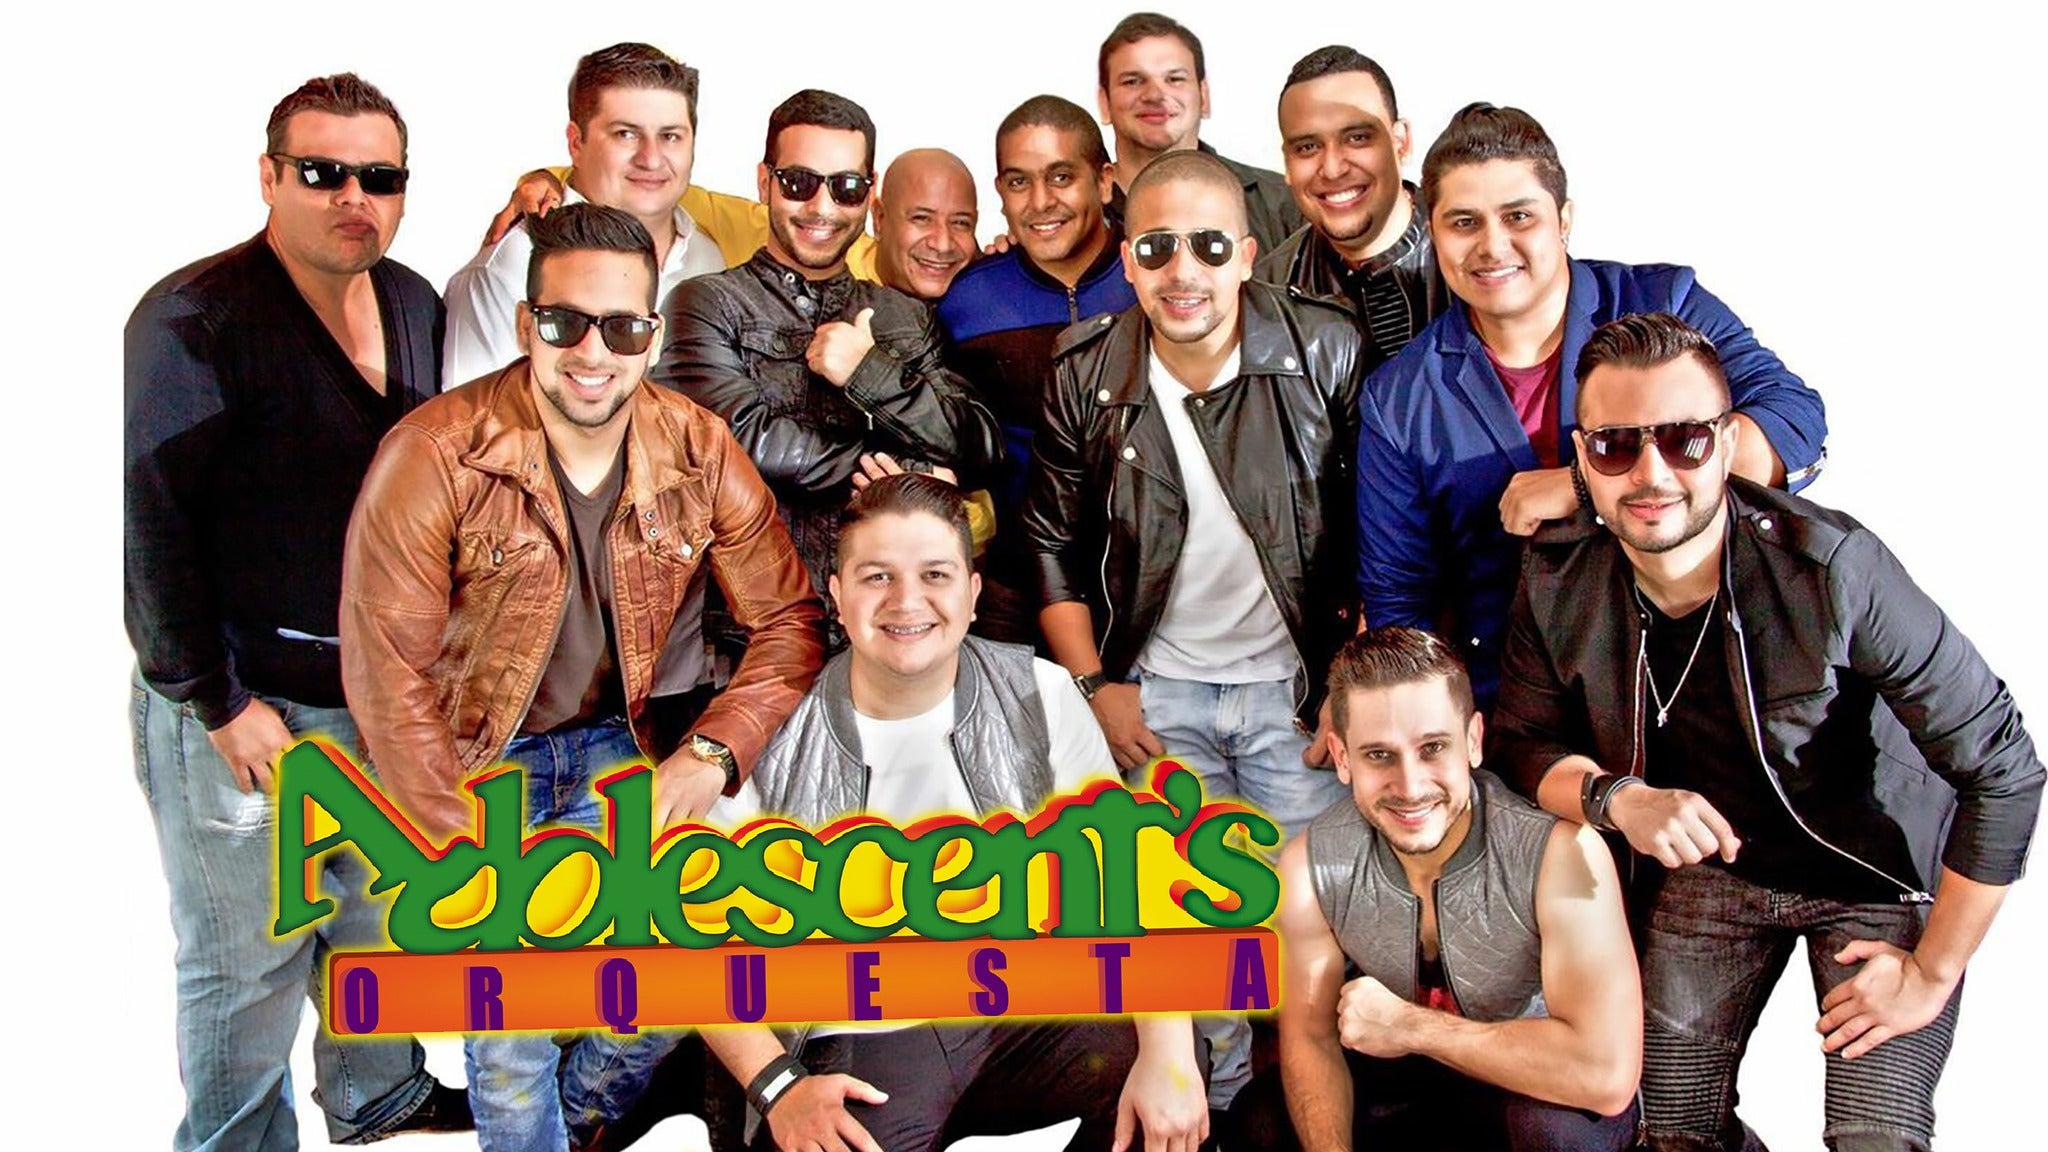 Los Adolescentes featuring Music By: DJ Cocotaso